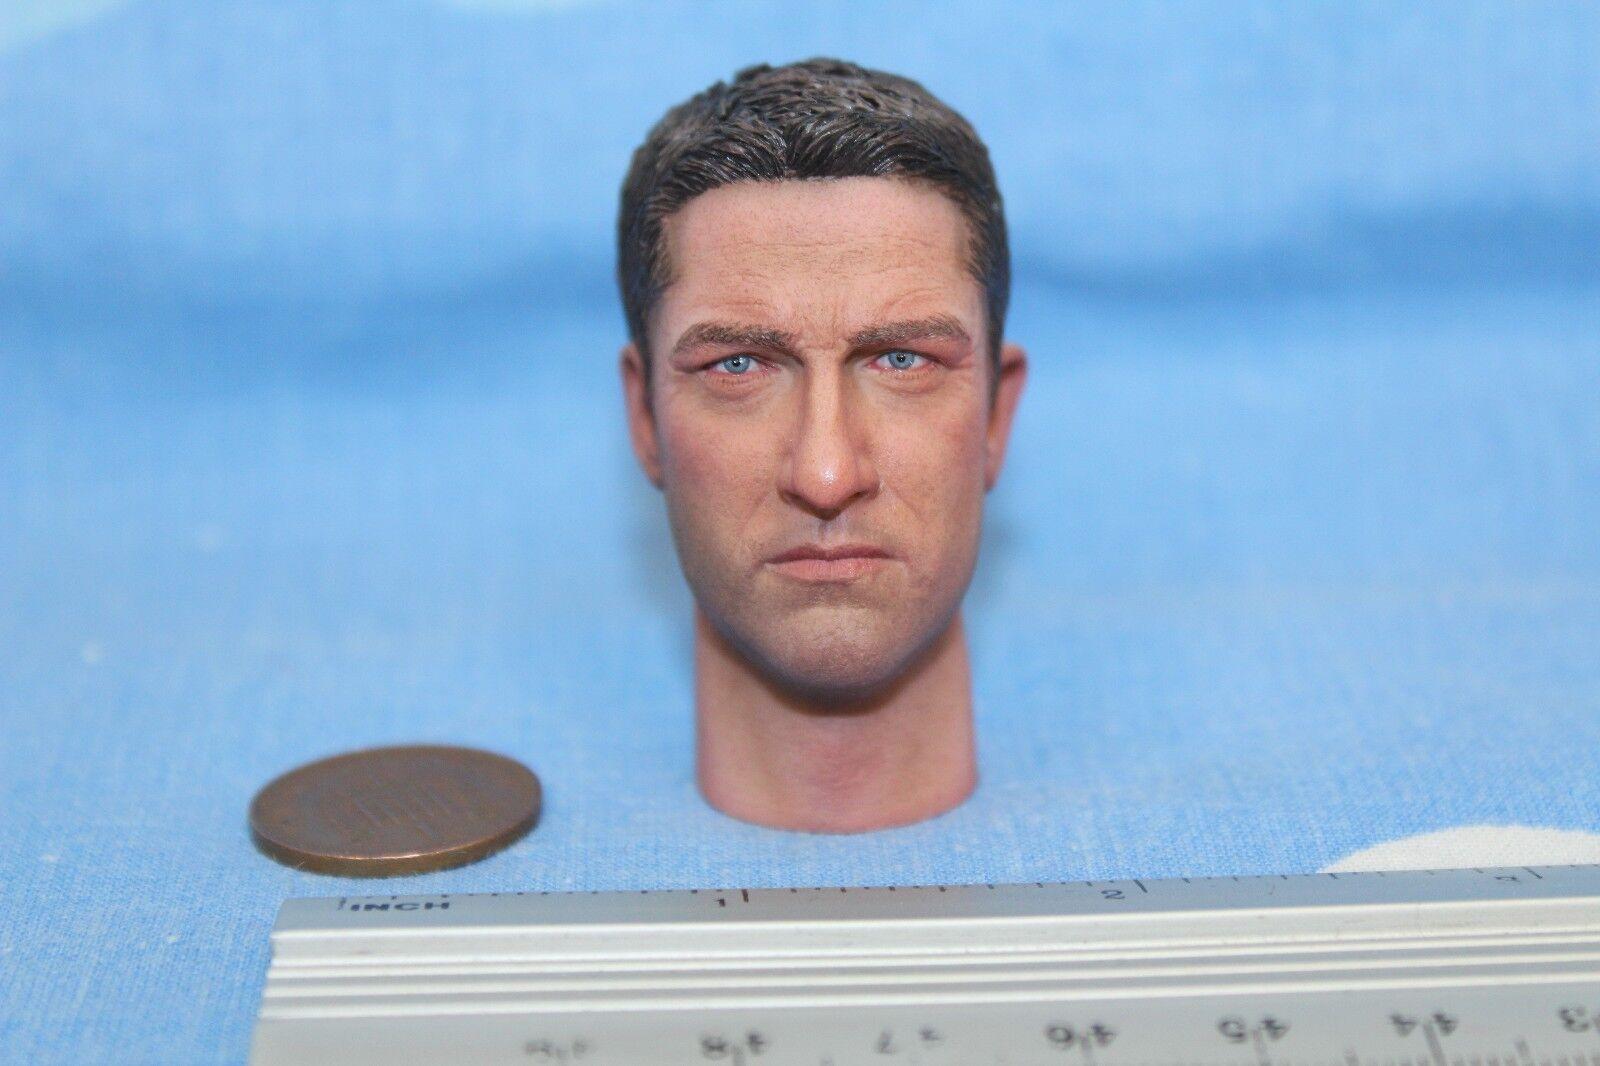 DID DRAGON IN DREAMS 1 6TH SCALE U.S SECRET SERVICE SPECIAL AGENT  HEAD  MARK